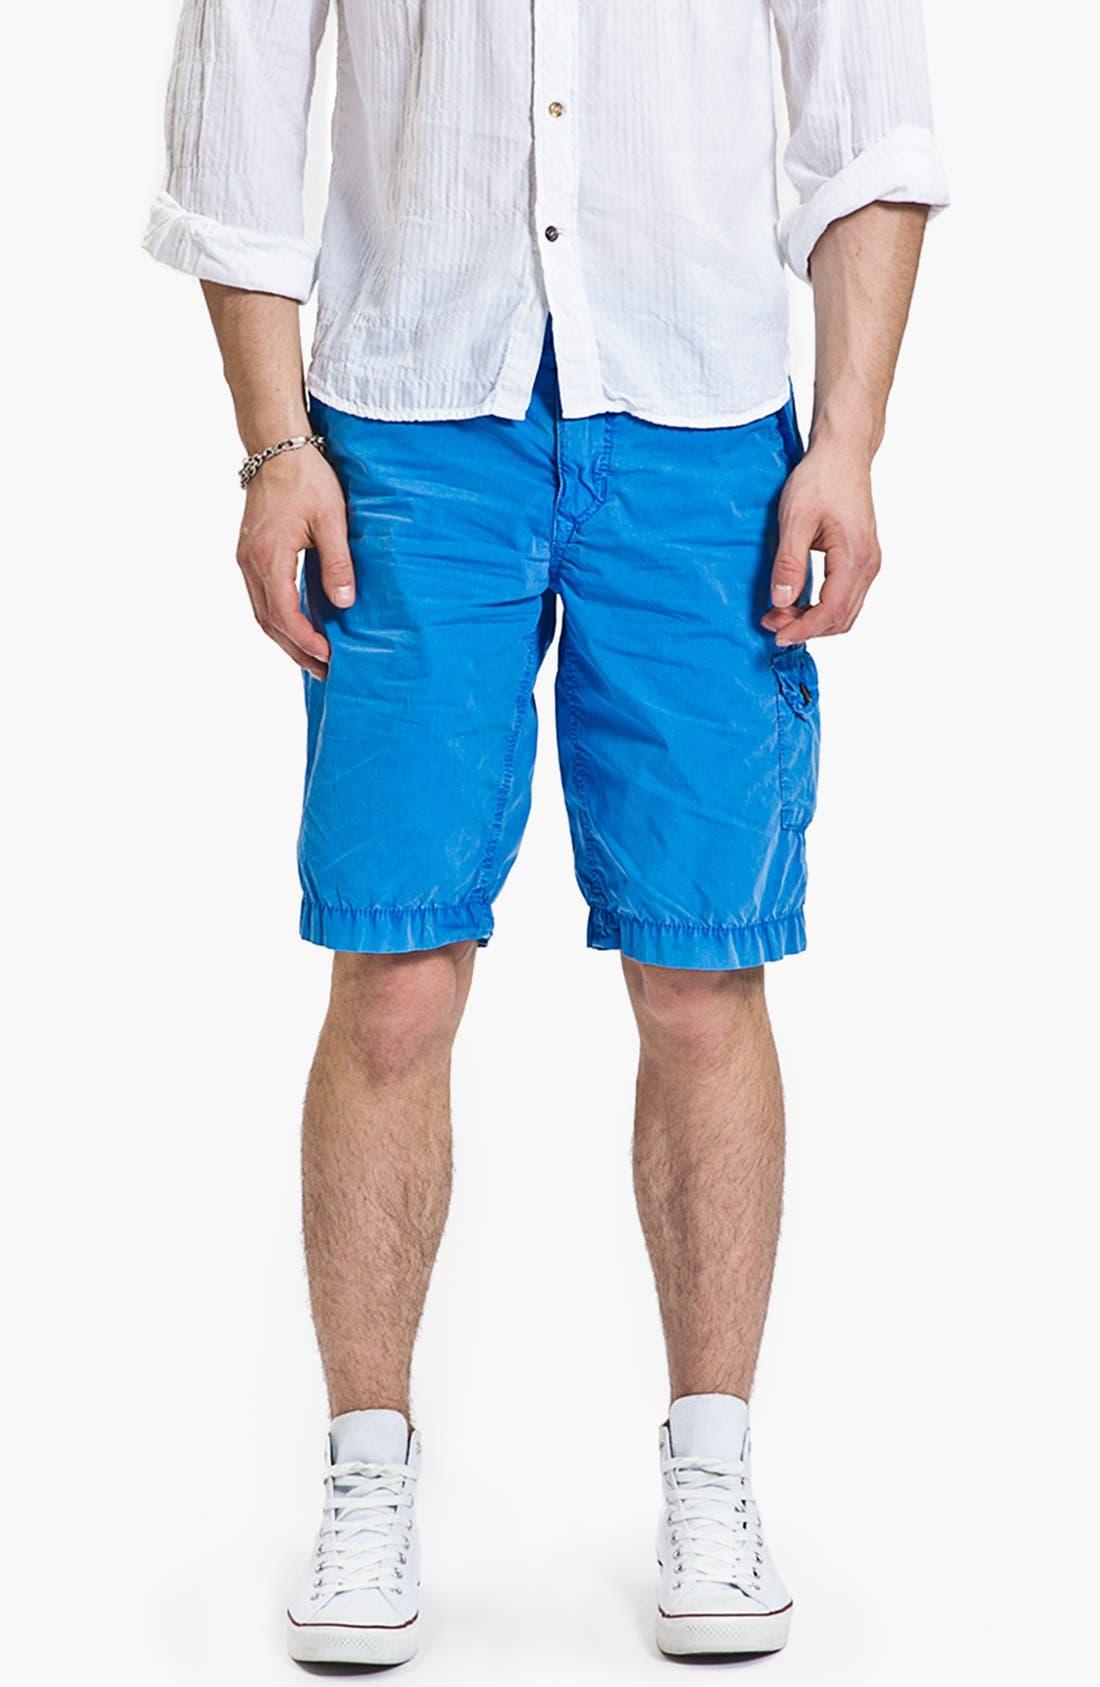 Alternate Image 1 Selected - Union Chino Cargo Shorts